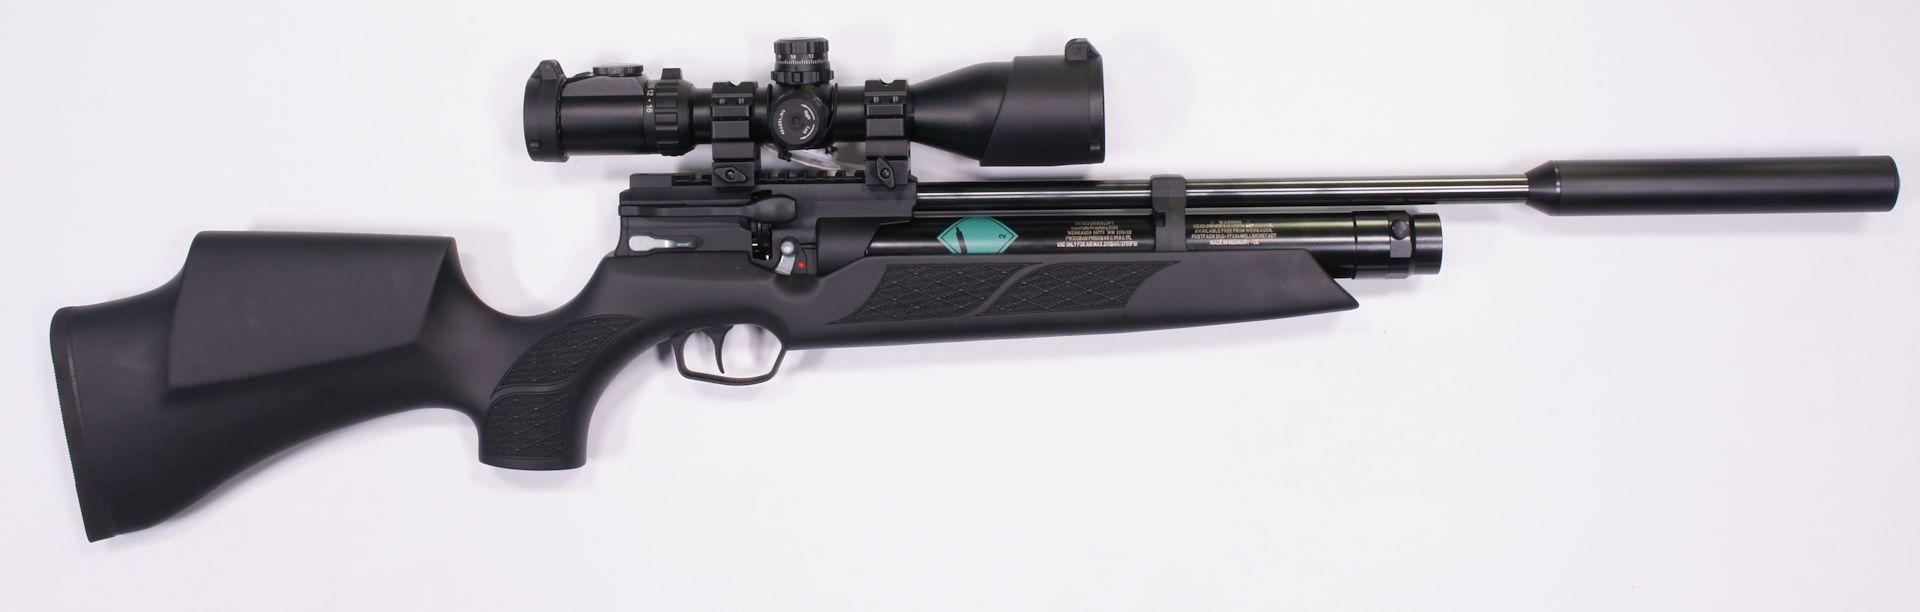 Luftgewehr Weihrauch HW 110 mit Optik UTG 4-16x44